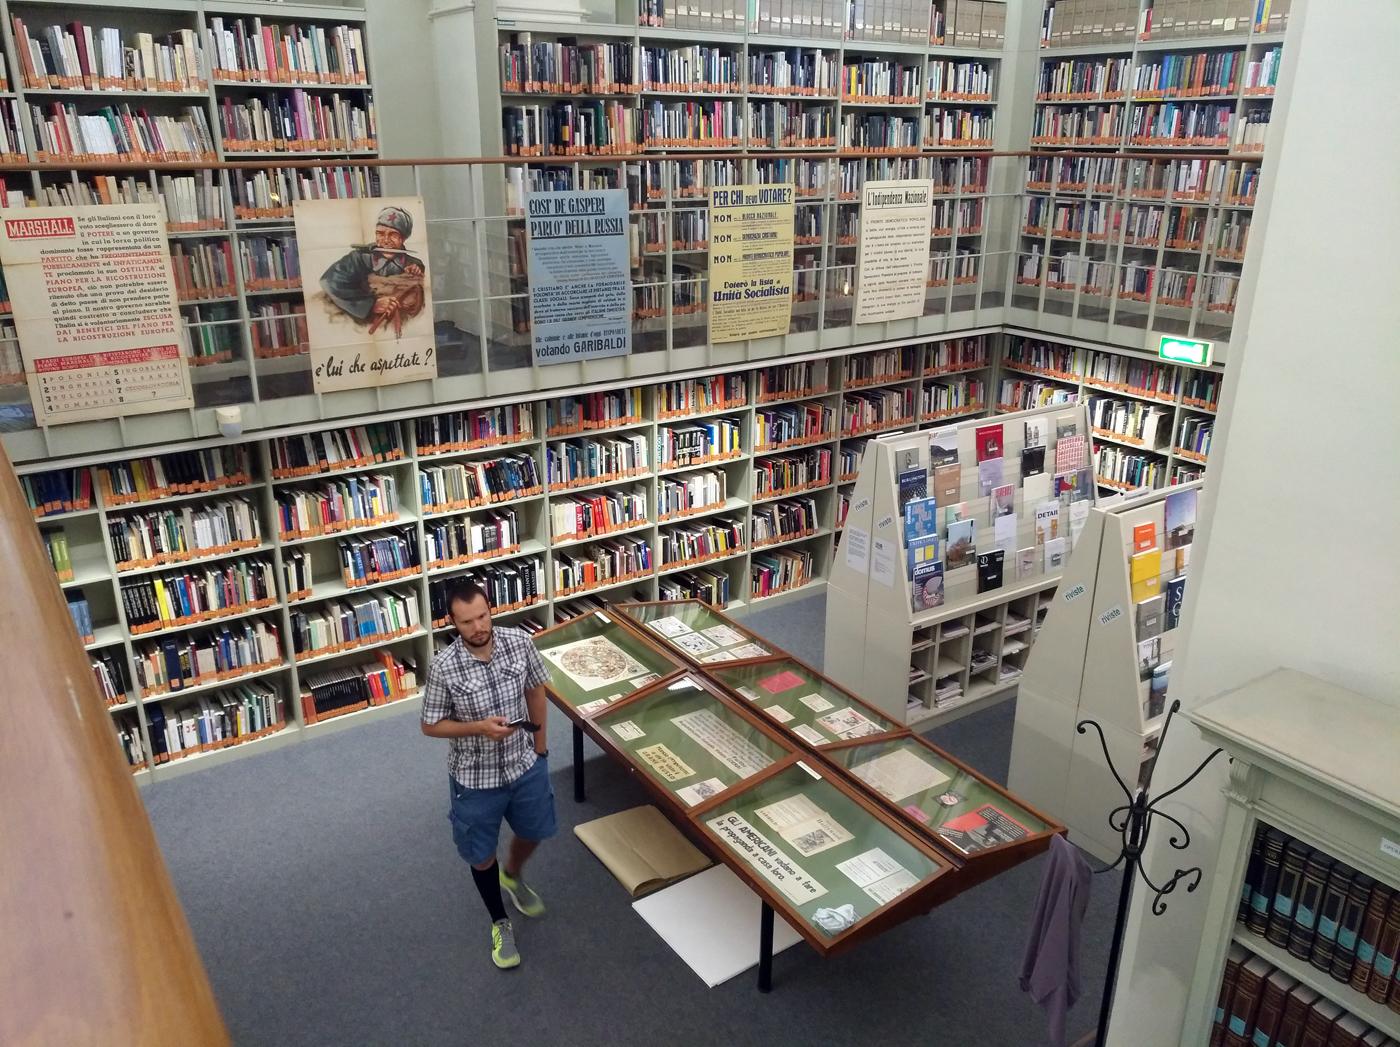 Energie diffuse. La sezione della mostra 1948 Italia al bivio allestita presso la Biblioteca Poletti